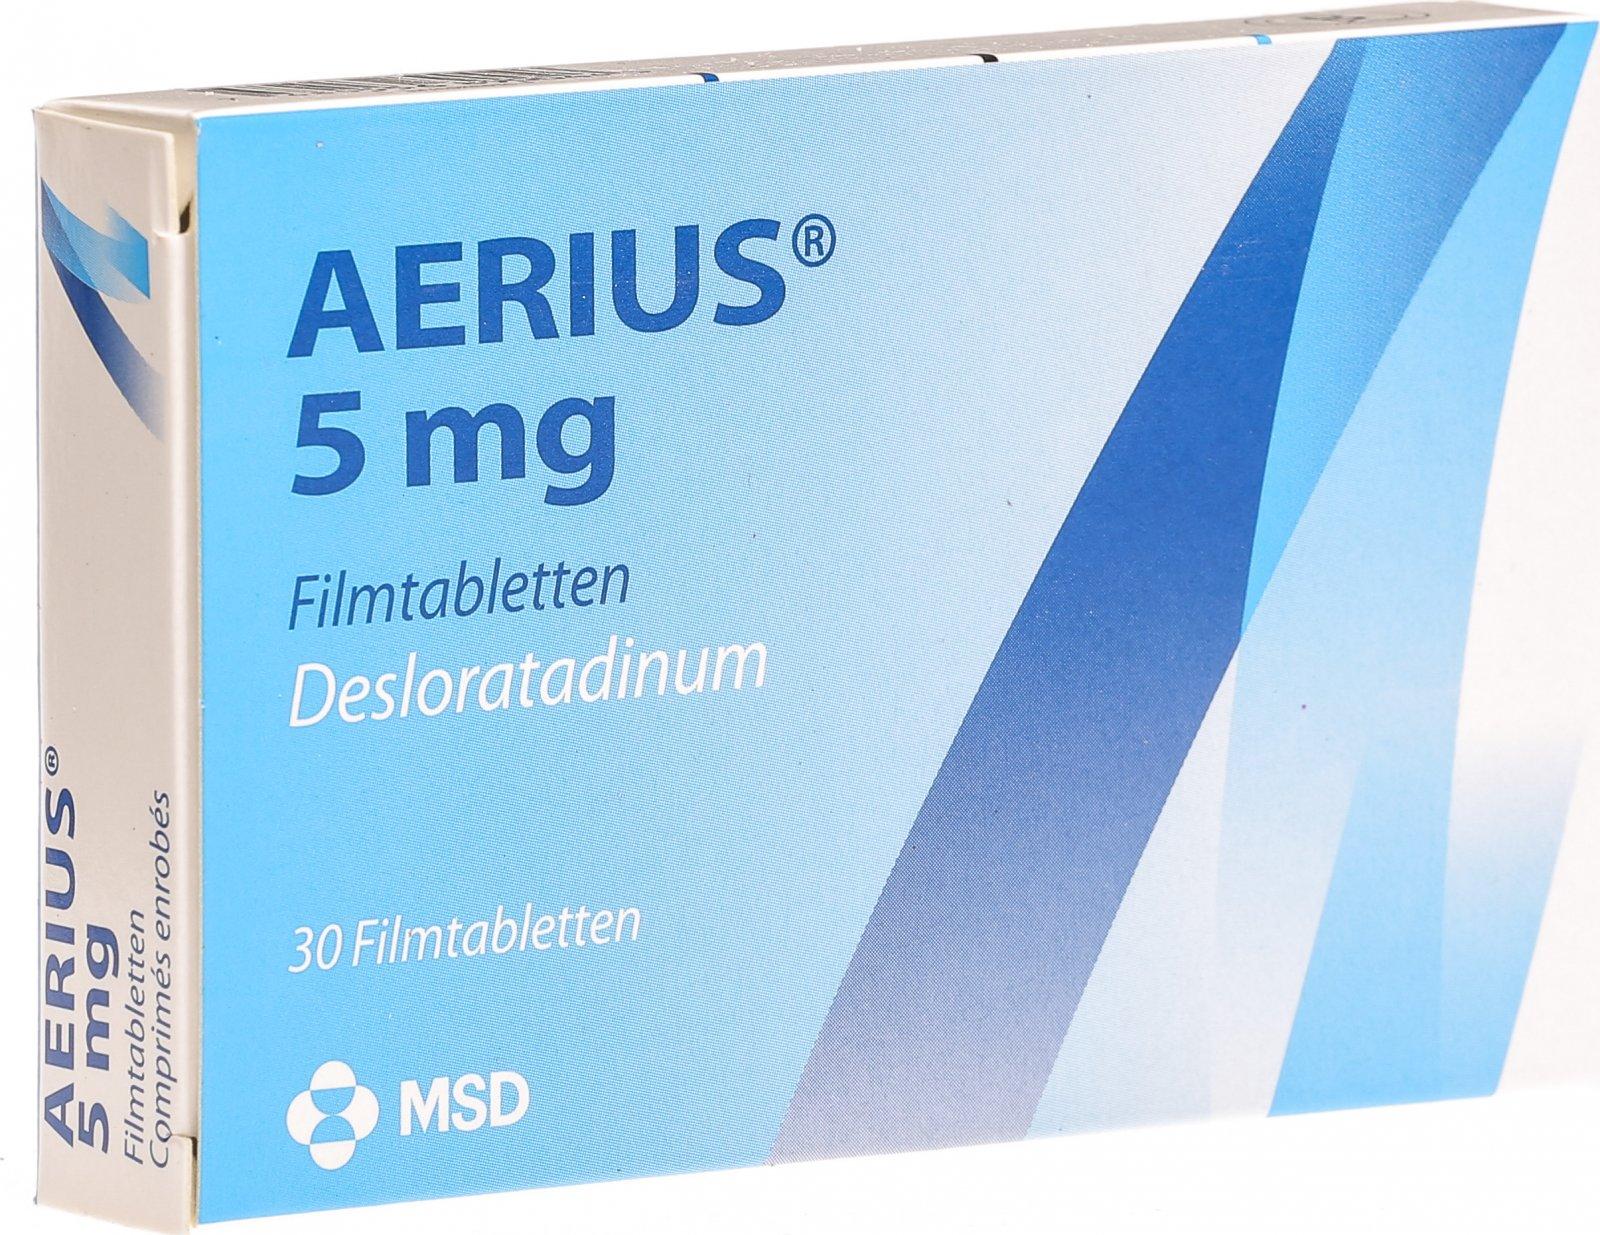 Aerius Filmtabletten 5mg 30 Stück in der Adler Apotheke